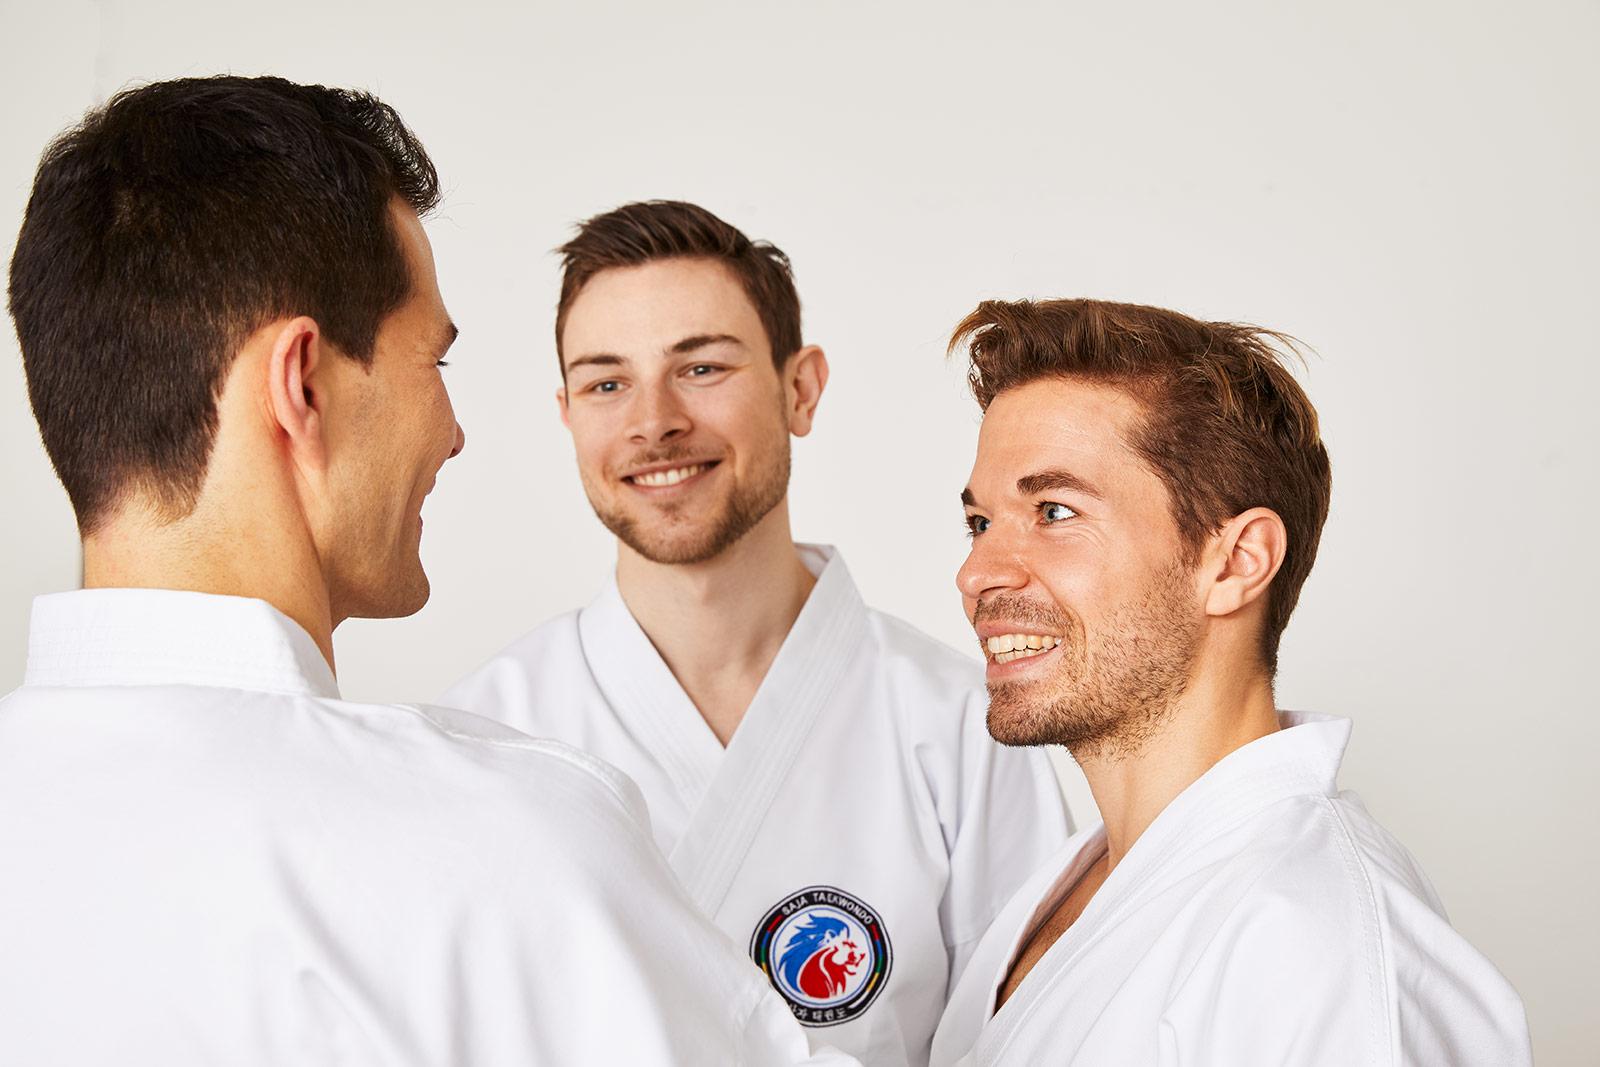 SAJA-Taekwondo_Schwarzgurt_lachende_Schueler_01